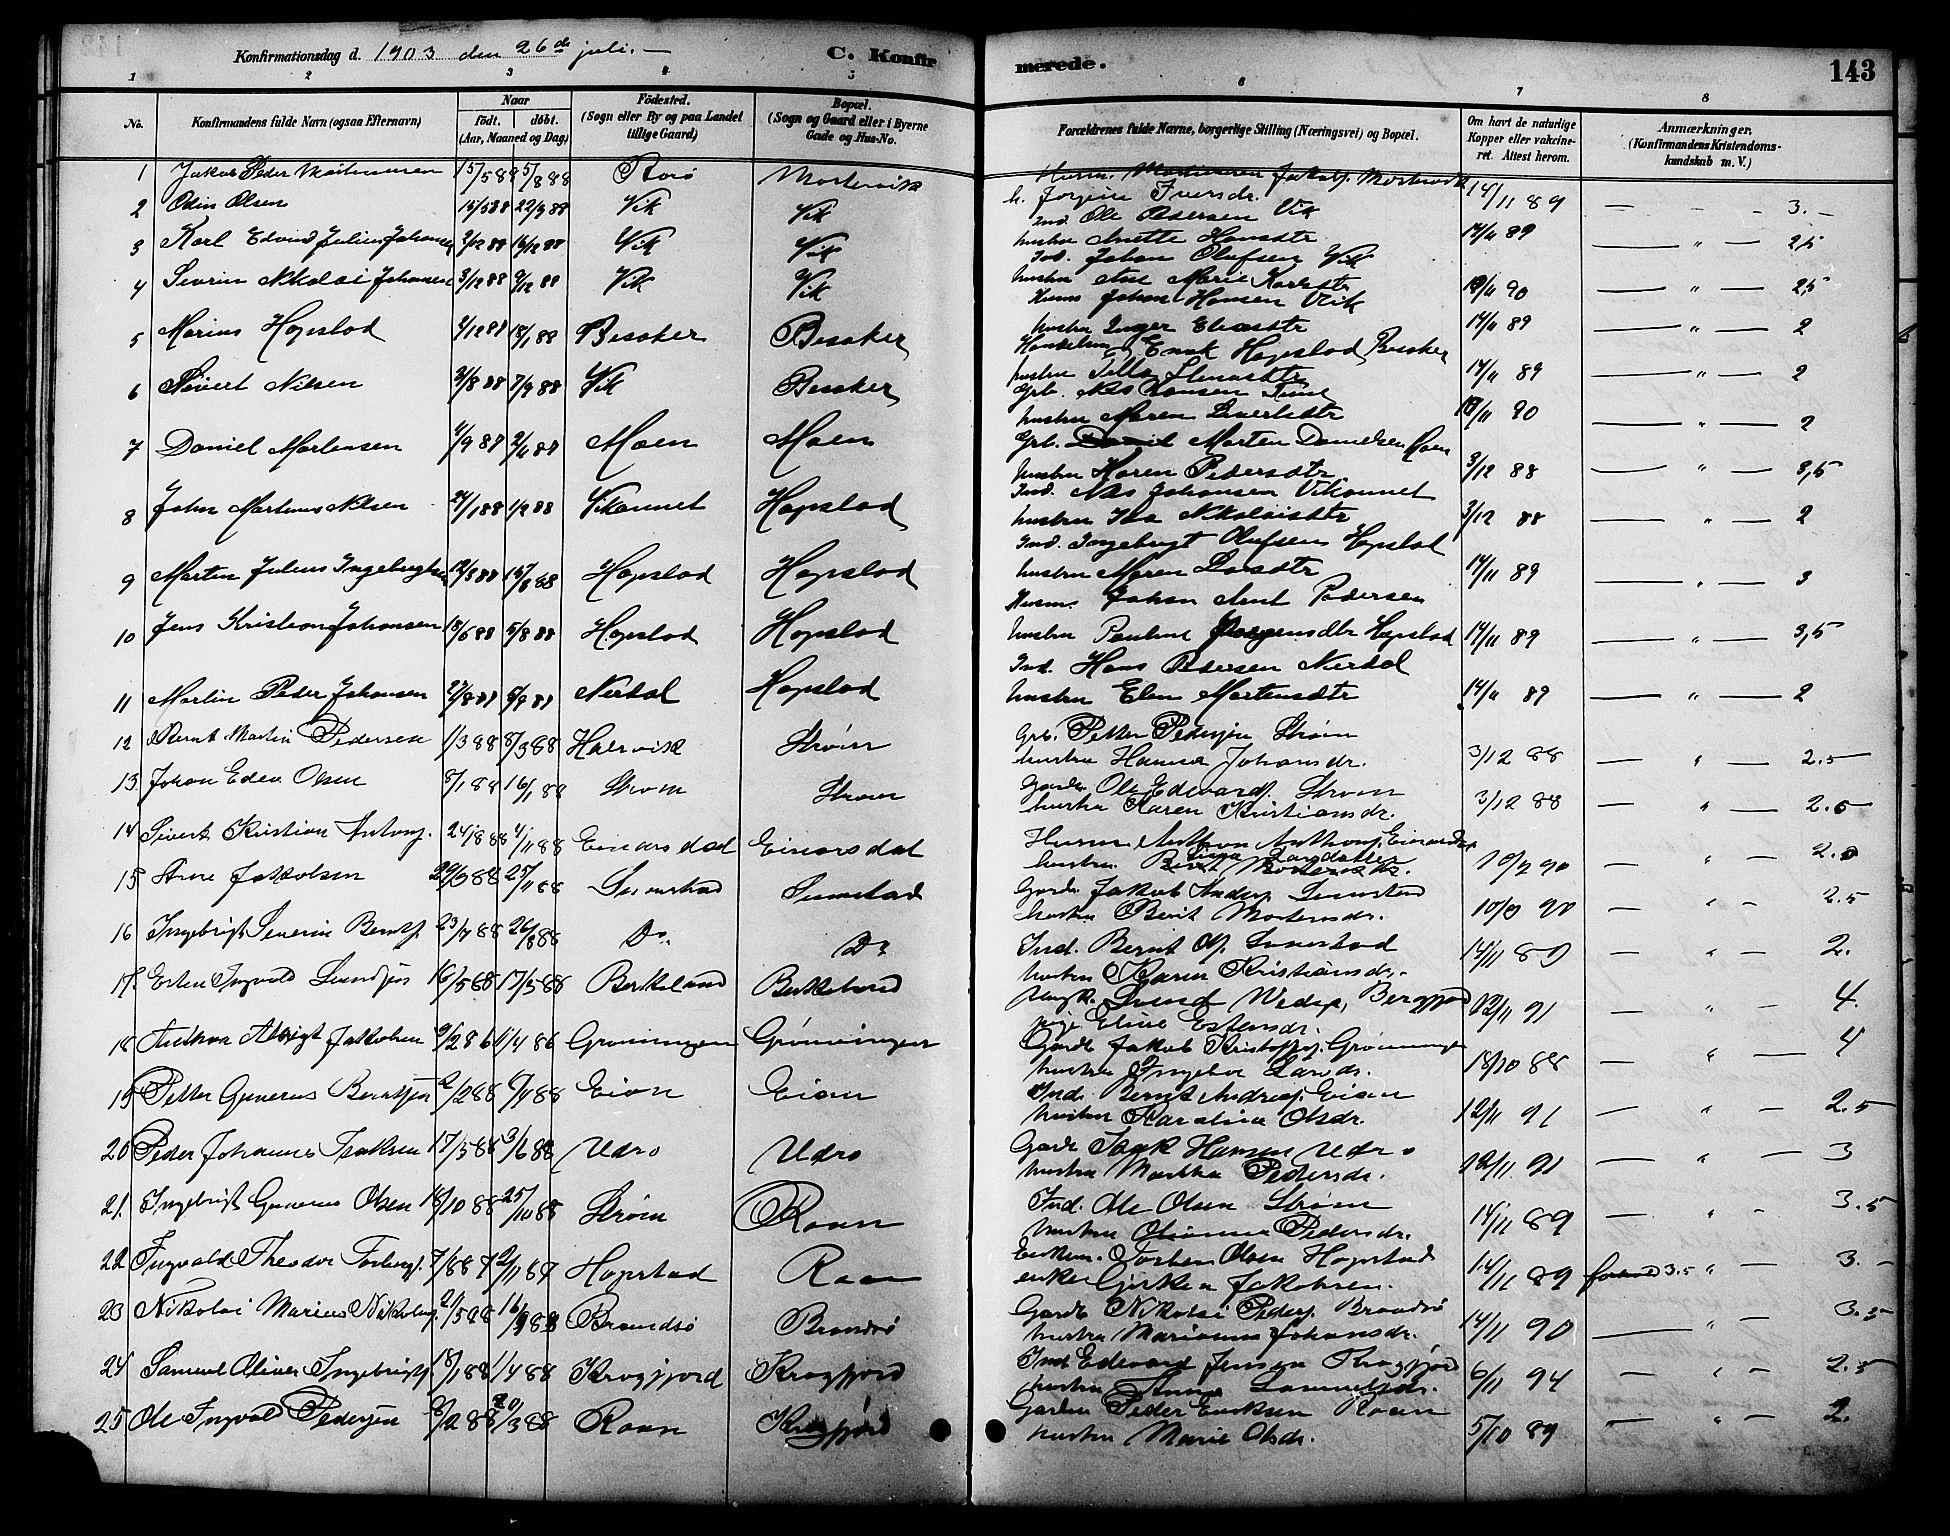 SAT, Ministerialprotokoller, klokkerbøker og fødselsregistre - Sør-Trøndelag, 657/L0716: Klokkerbok nr. 657C03, 1889-1904, s. 143